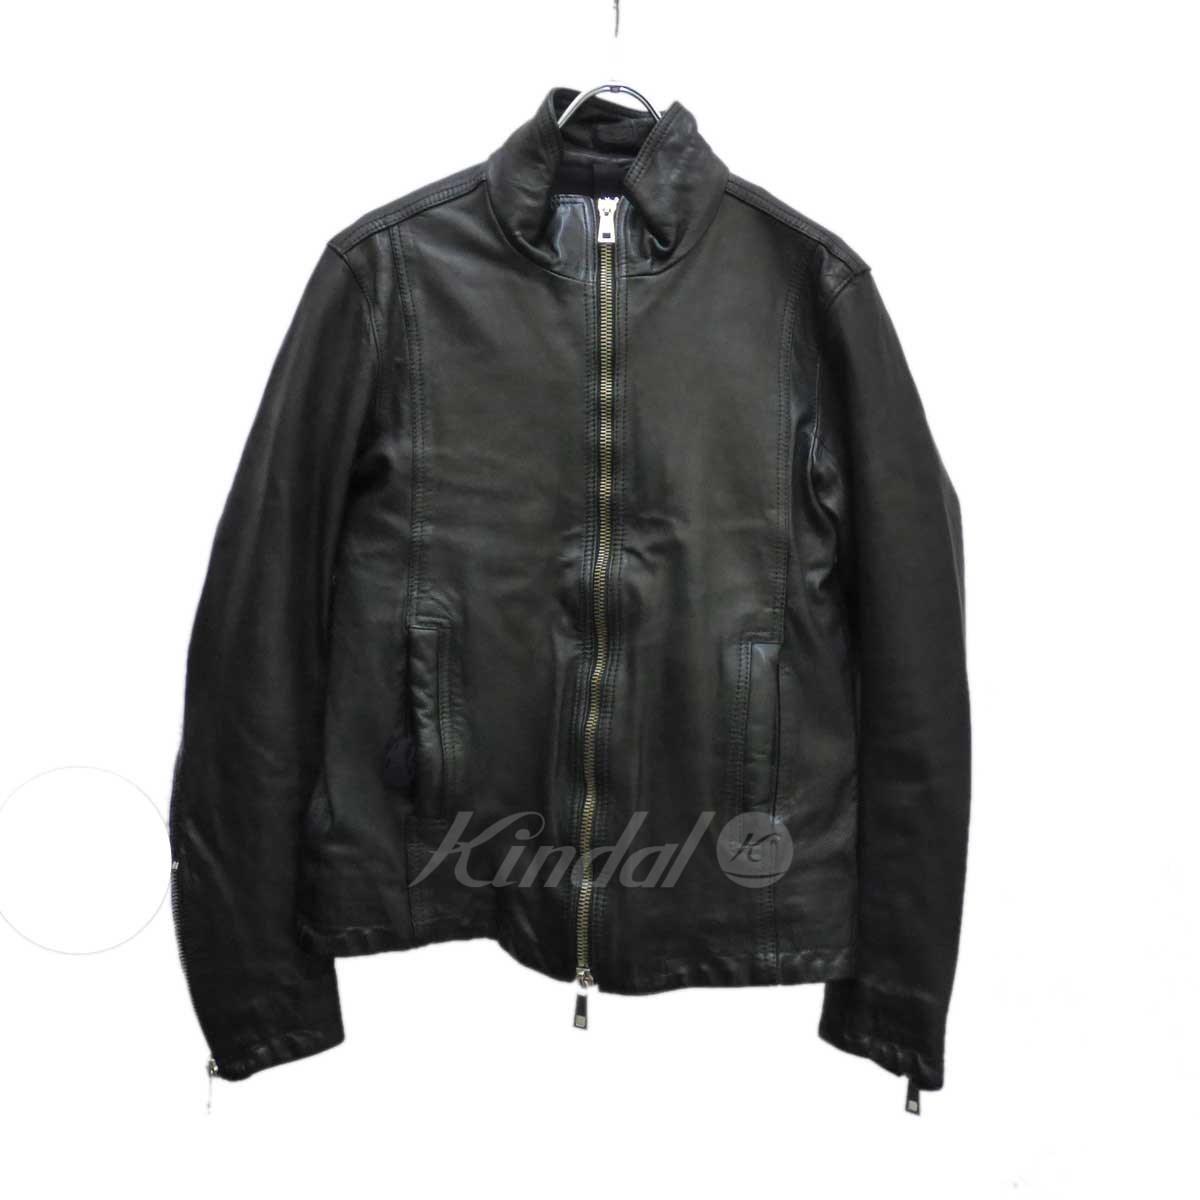 【中古】MUSHER シングルライダースジャケット ブラック サイズ:2 【190119】(マーシャ)